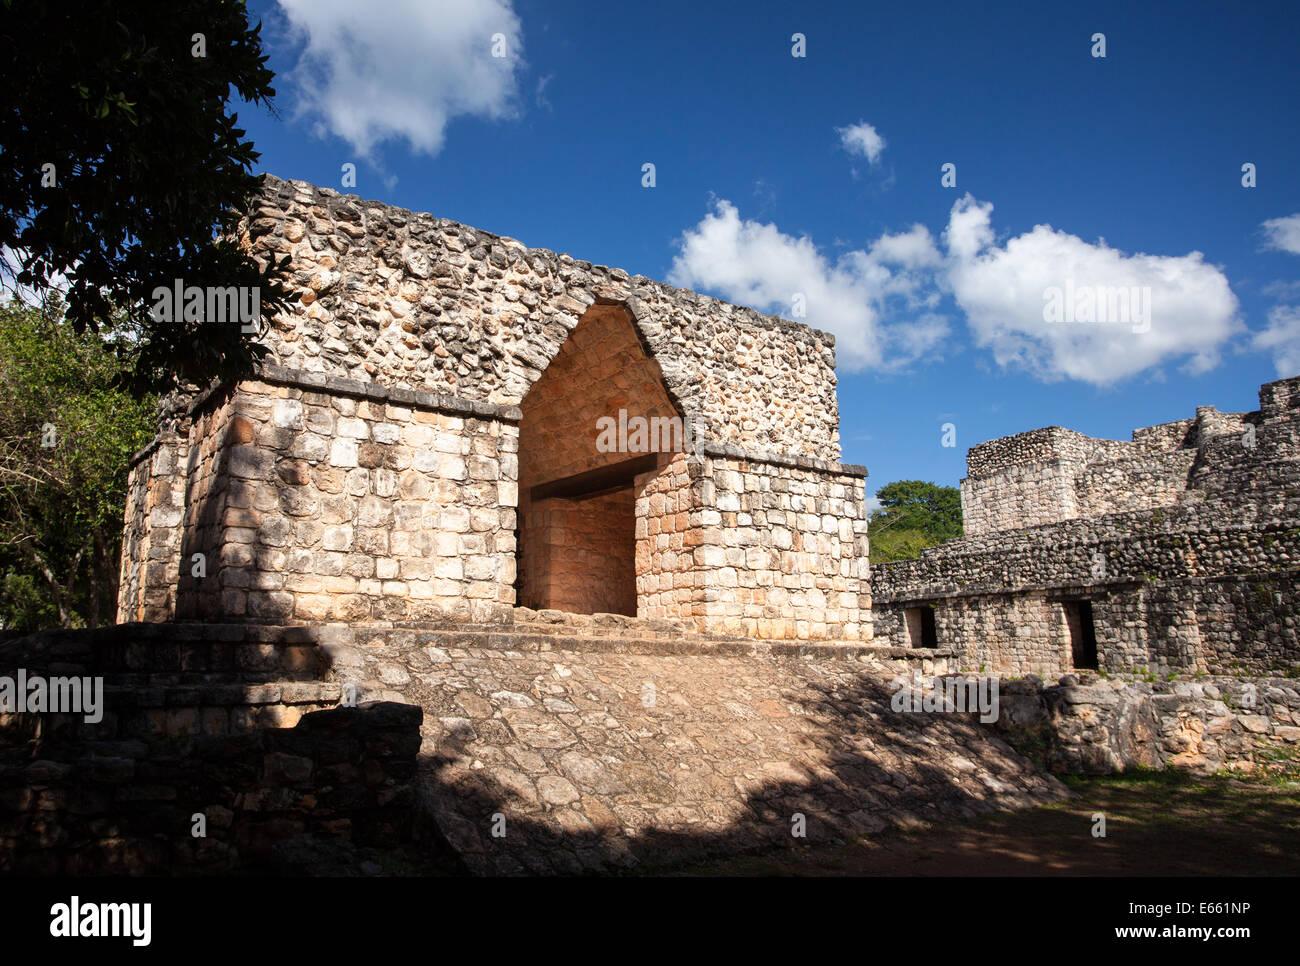 The Arch at Ek Balam, Yucatan, Mexico. - Stock Image